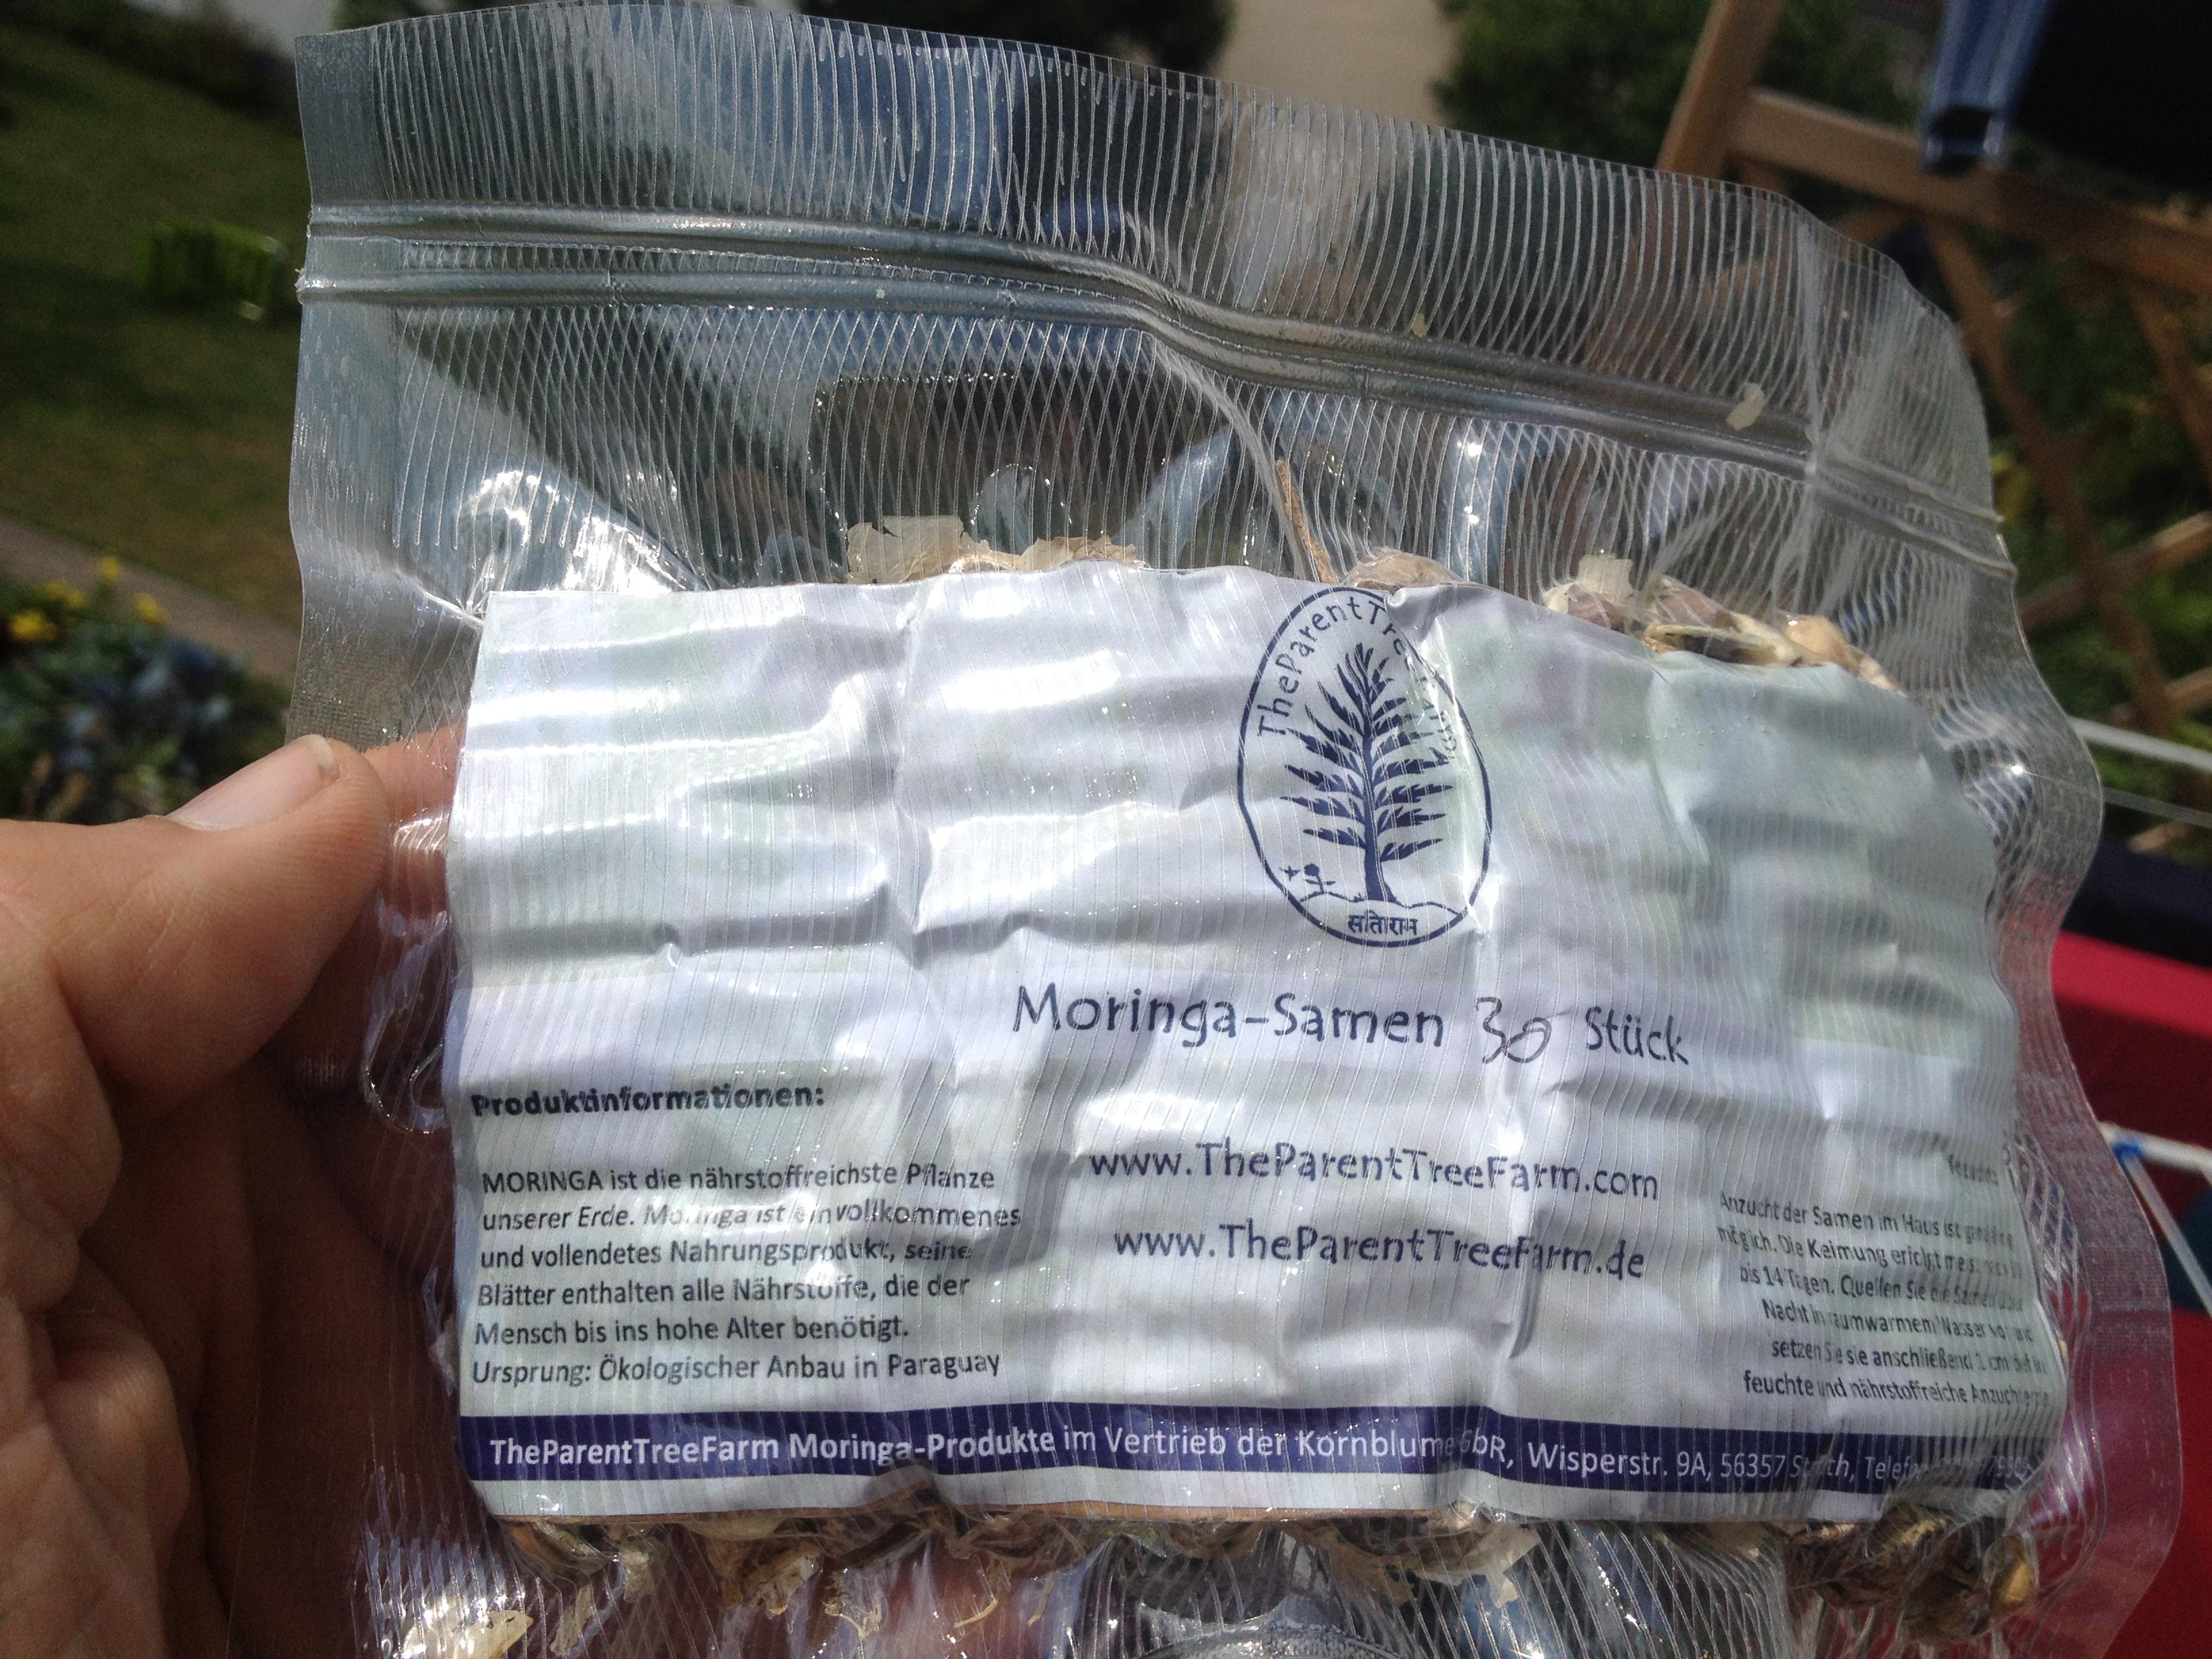 Moringa Samen 30 Stück